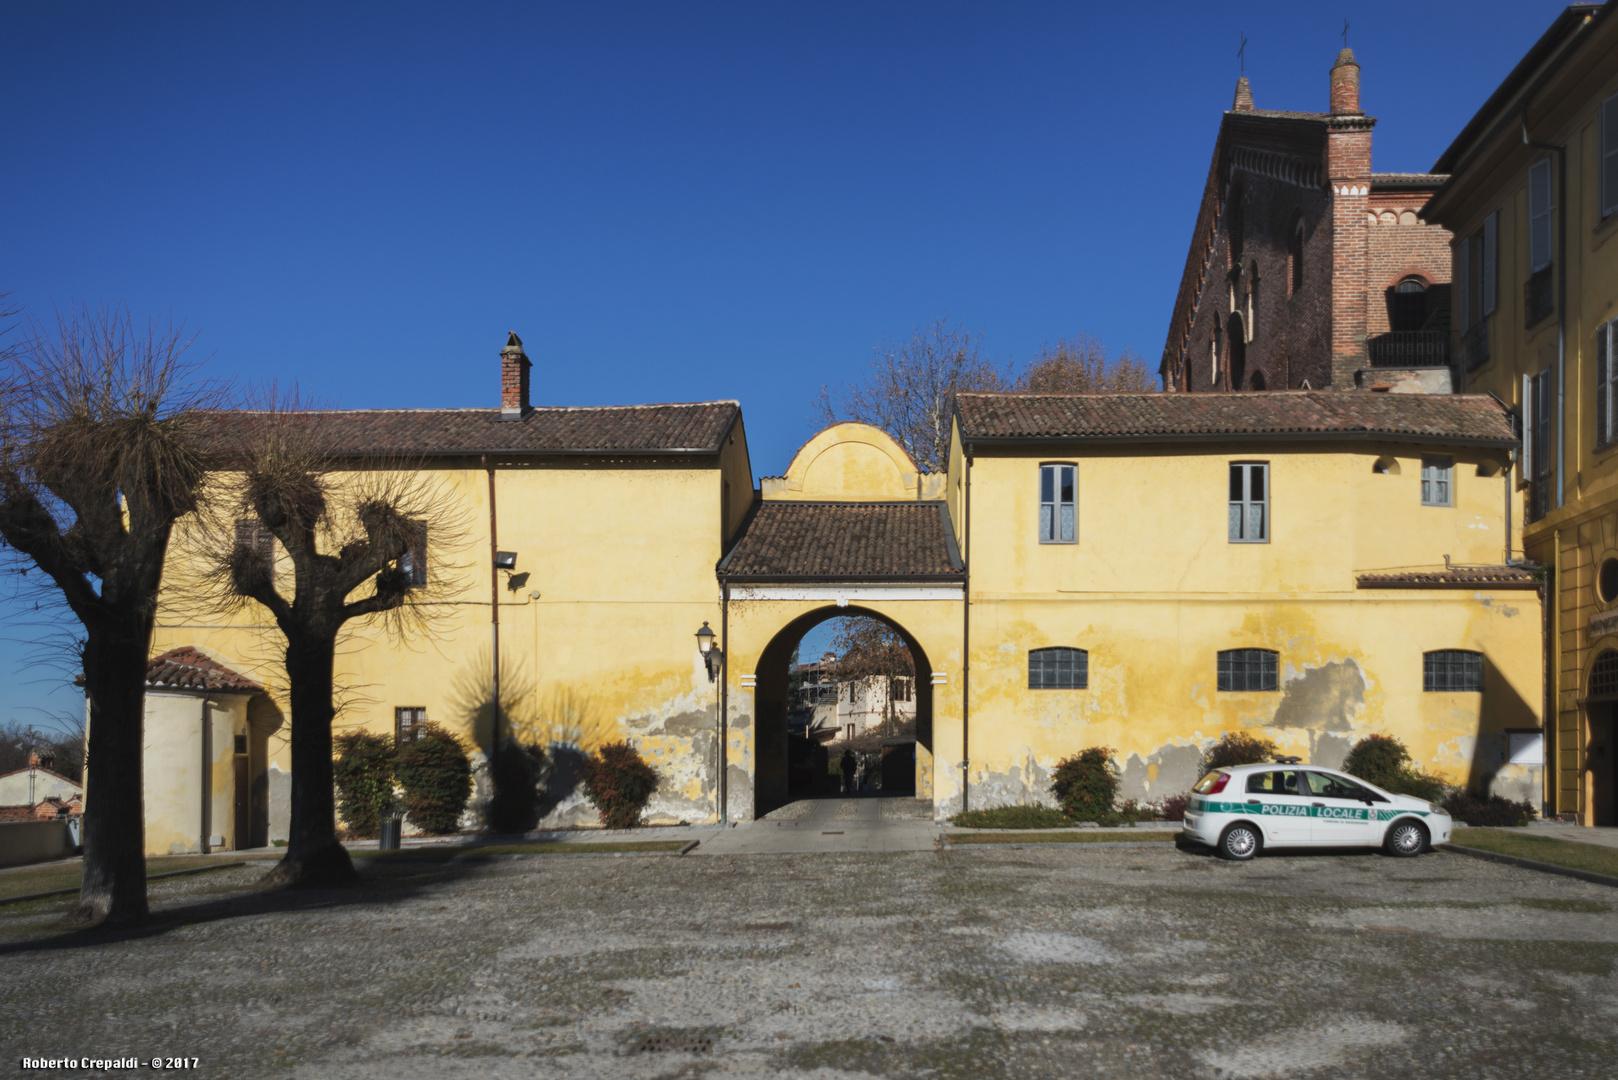 Piazza del municipio di Morimondo